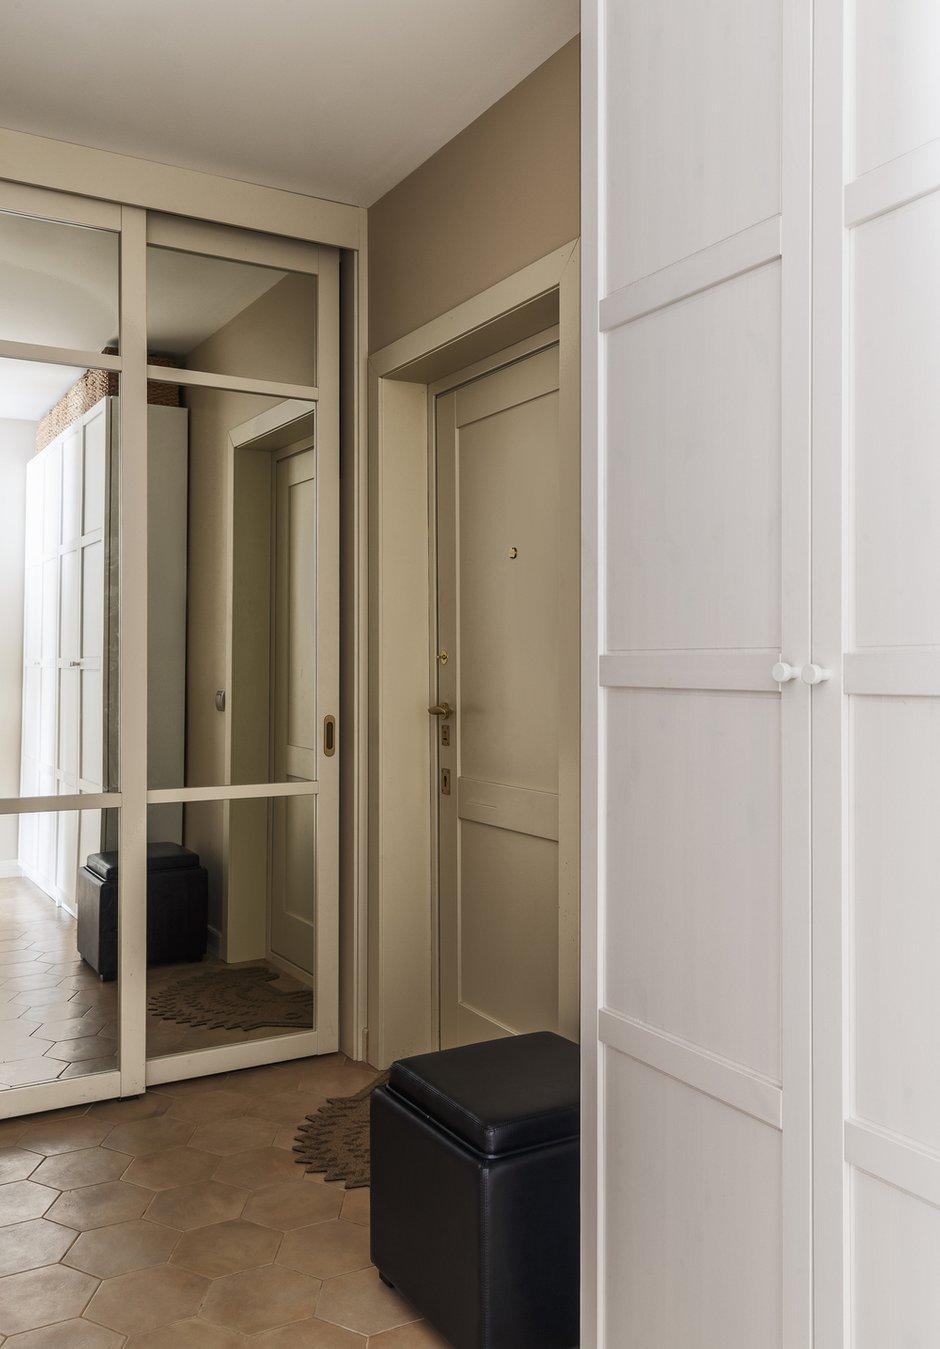 Фотография: Прихожая в стиле Современный, Квартира, Проект недели, Москва, 1 комната, 40-60 метров, Монолитно-кирпичный, Светлана Краснова, ПРЕМИЯ INMYROOM – фото на INMYROOM